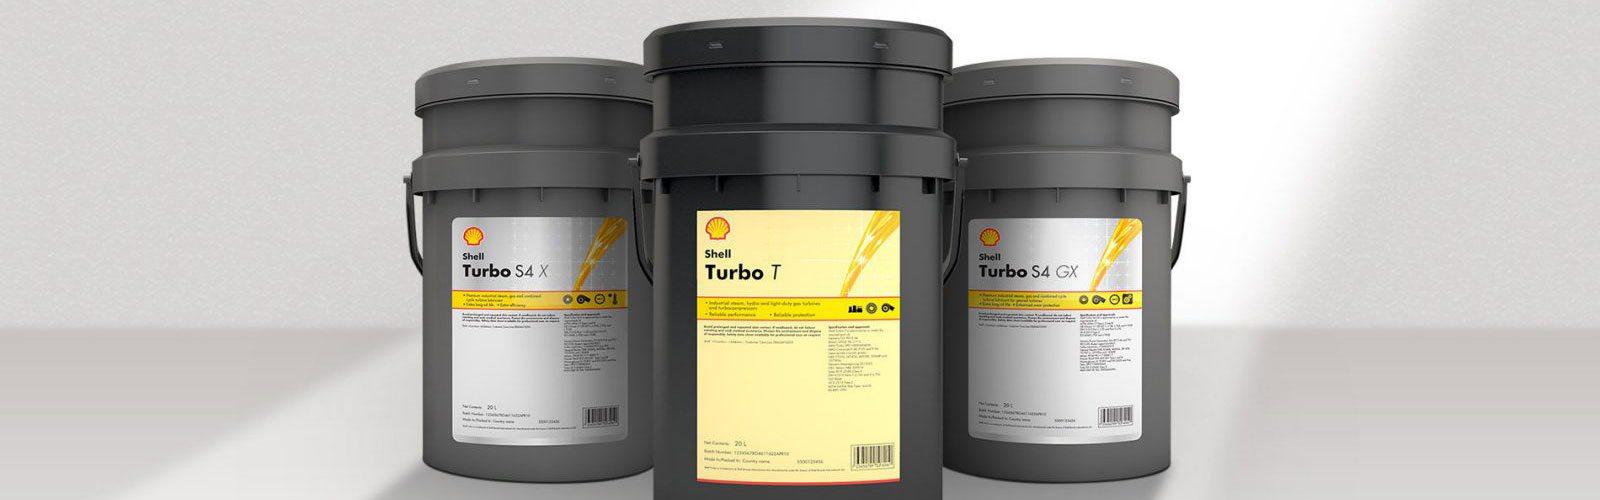 shell turbo